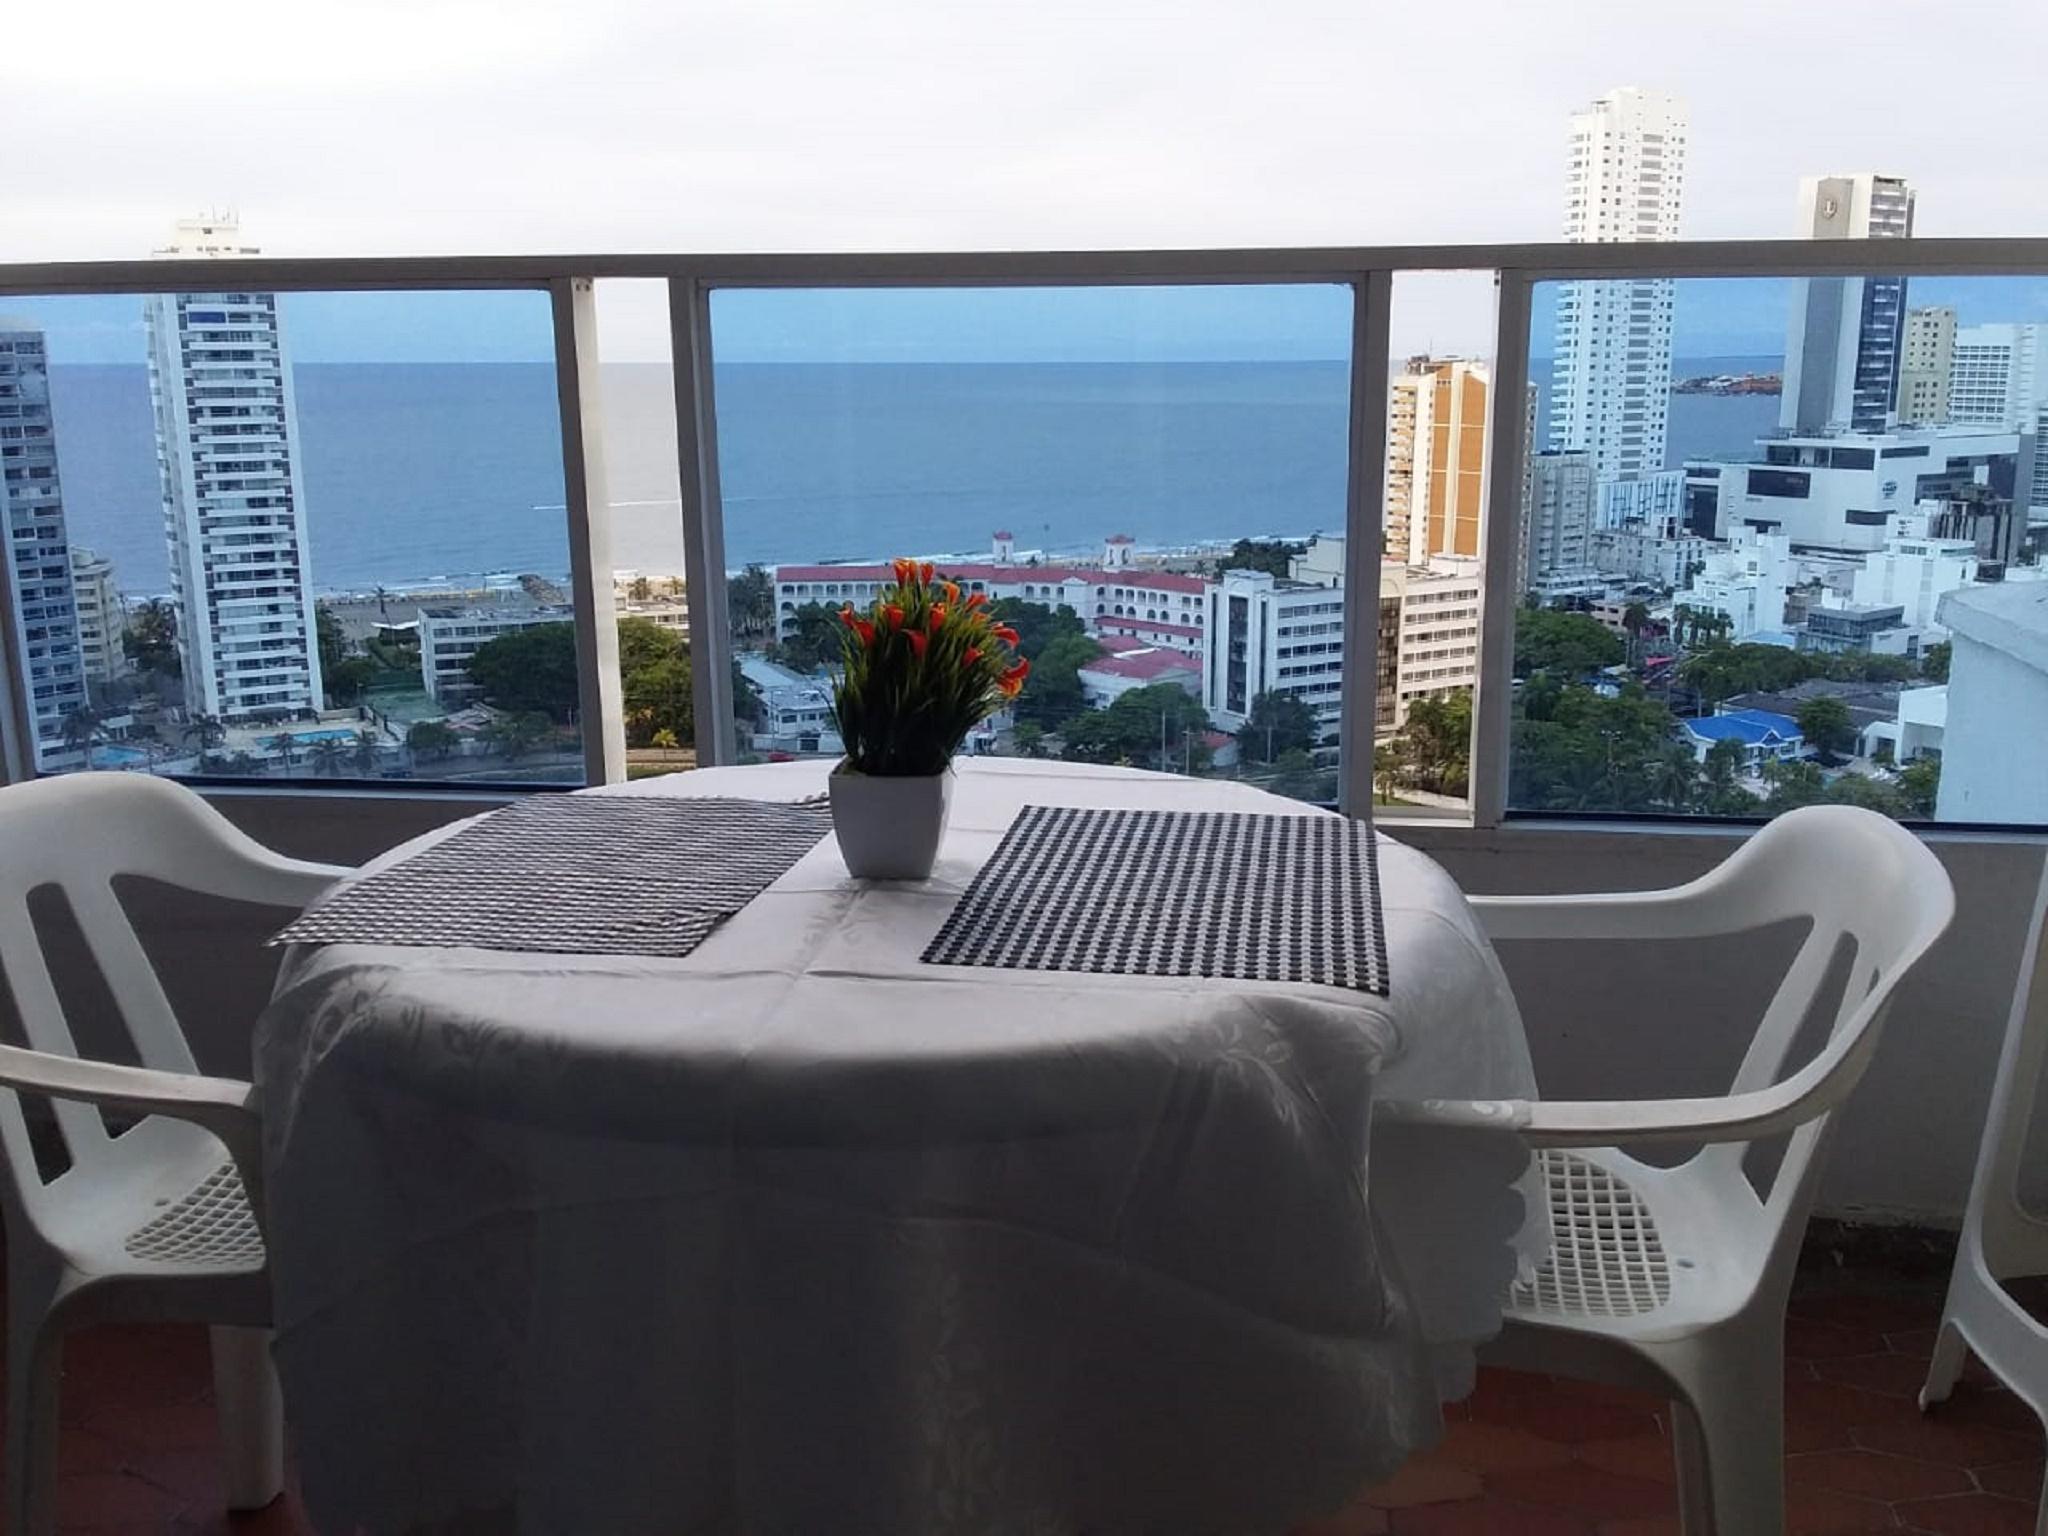 Wohnung in Cartagena direkt am Meer E21c